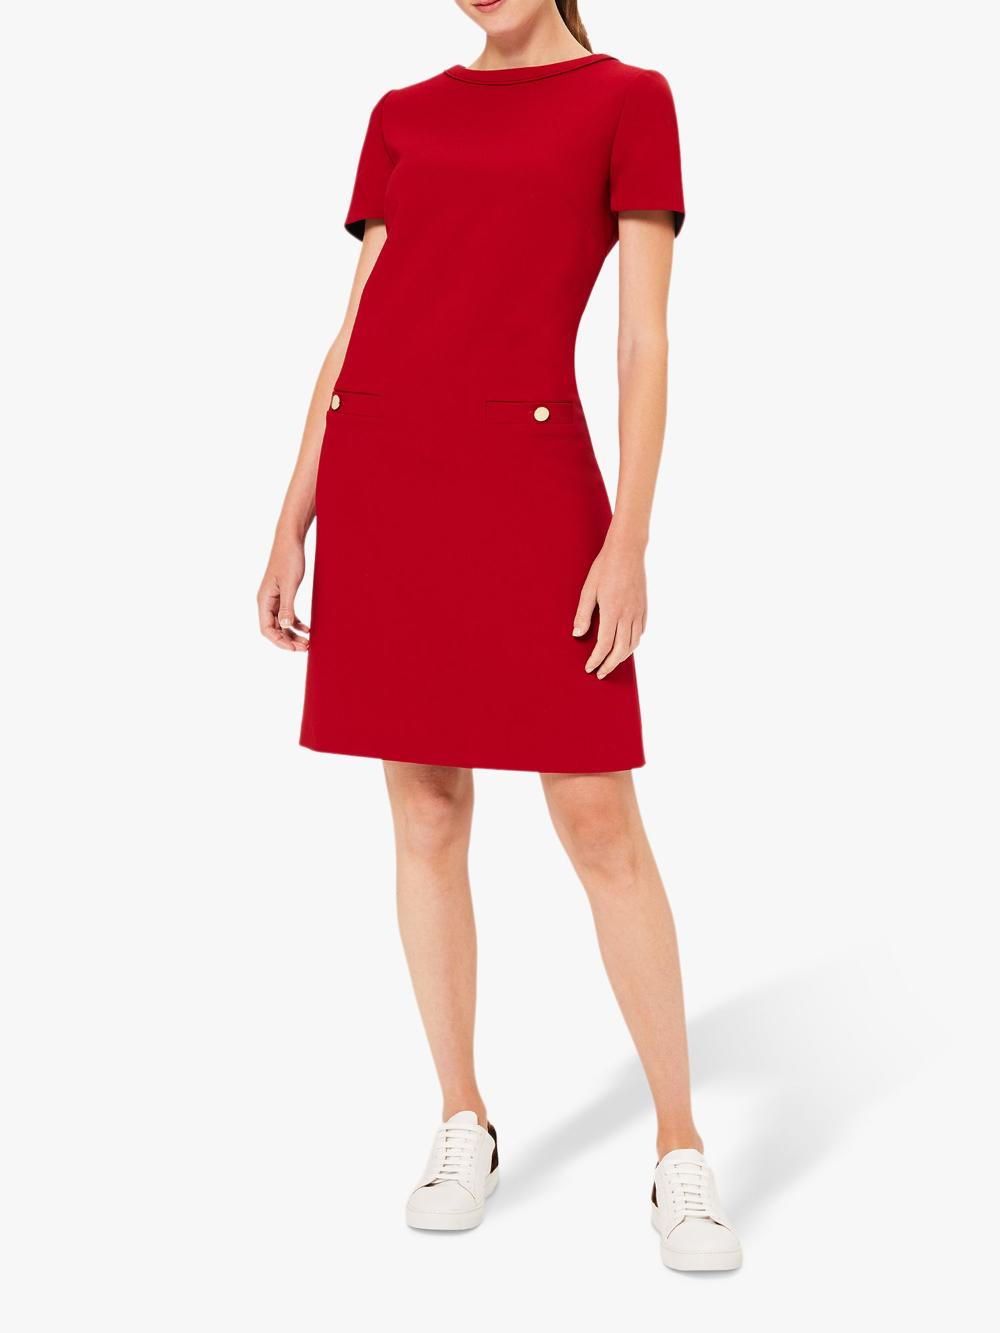 Hobbs Petra Pocket Shift Dress Red Short Sleeve Shift Dress Staple Dress Shift Dress [ 1333 x 1000 Pixel ]